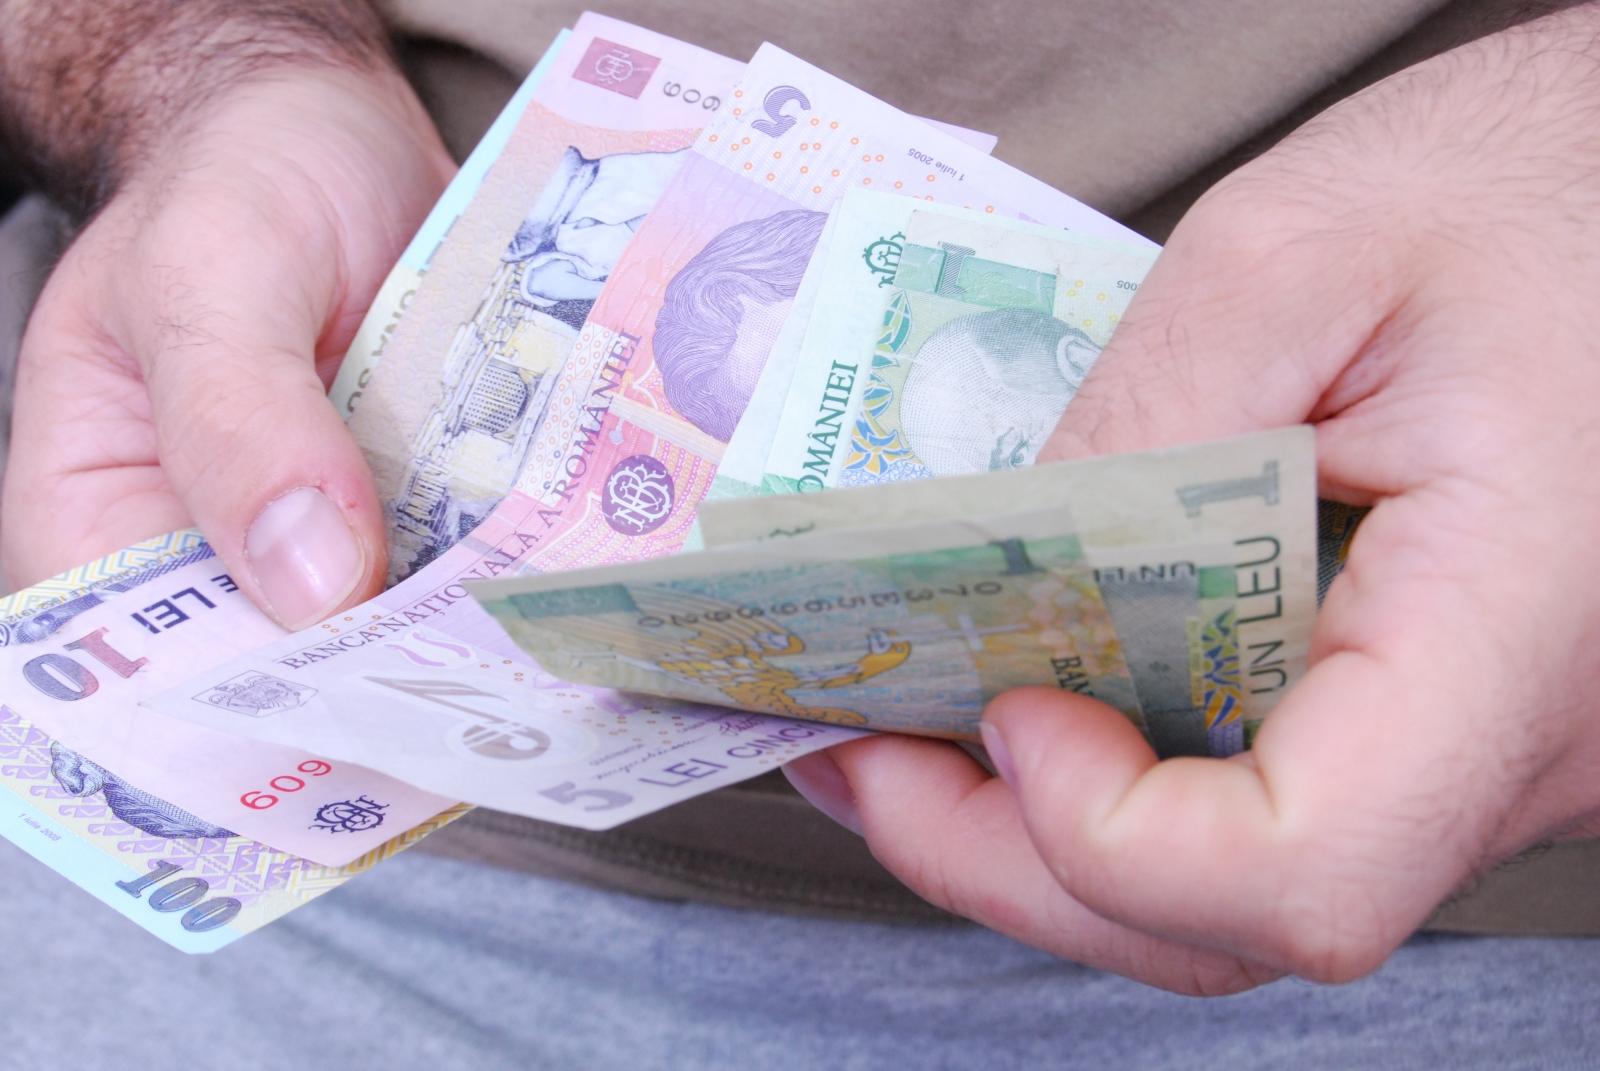 opțiuni binare cu un depozit de 10 USD)